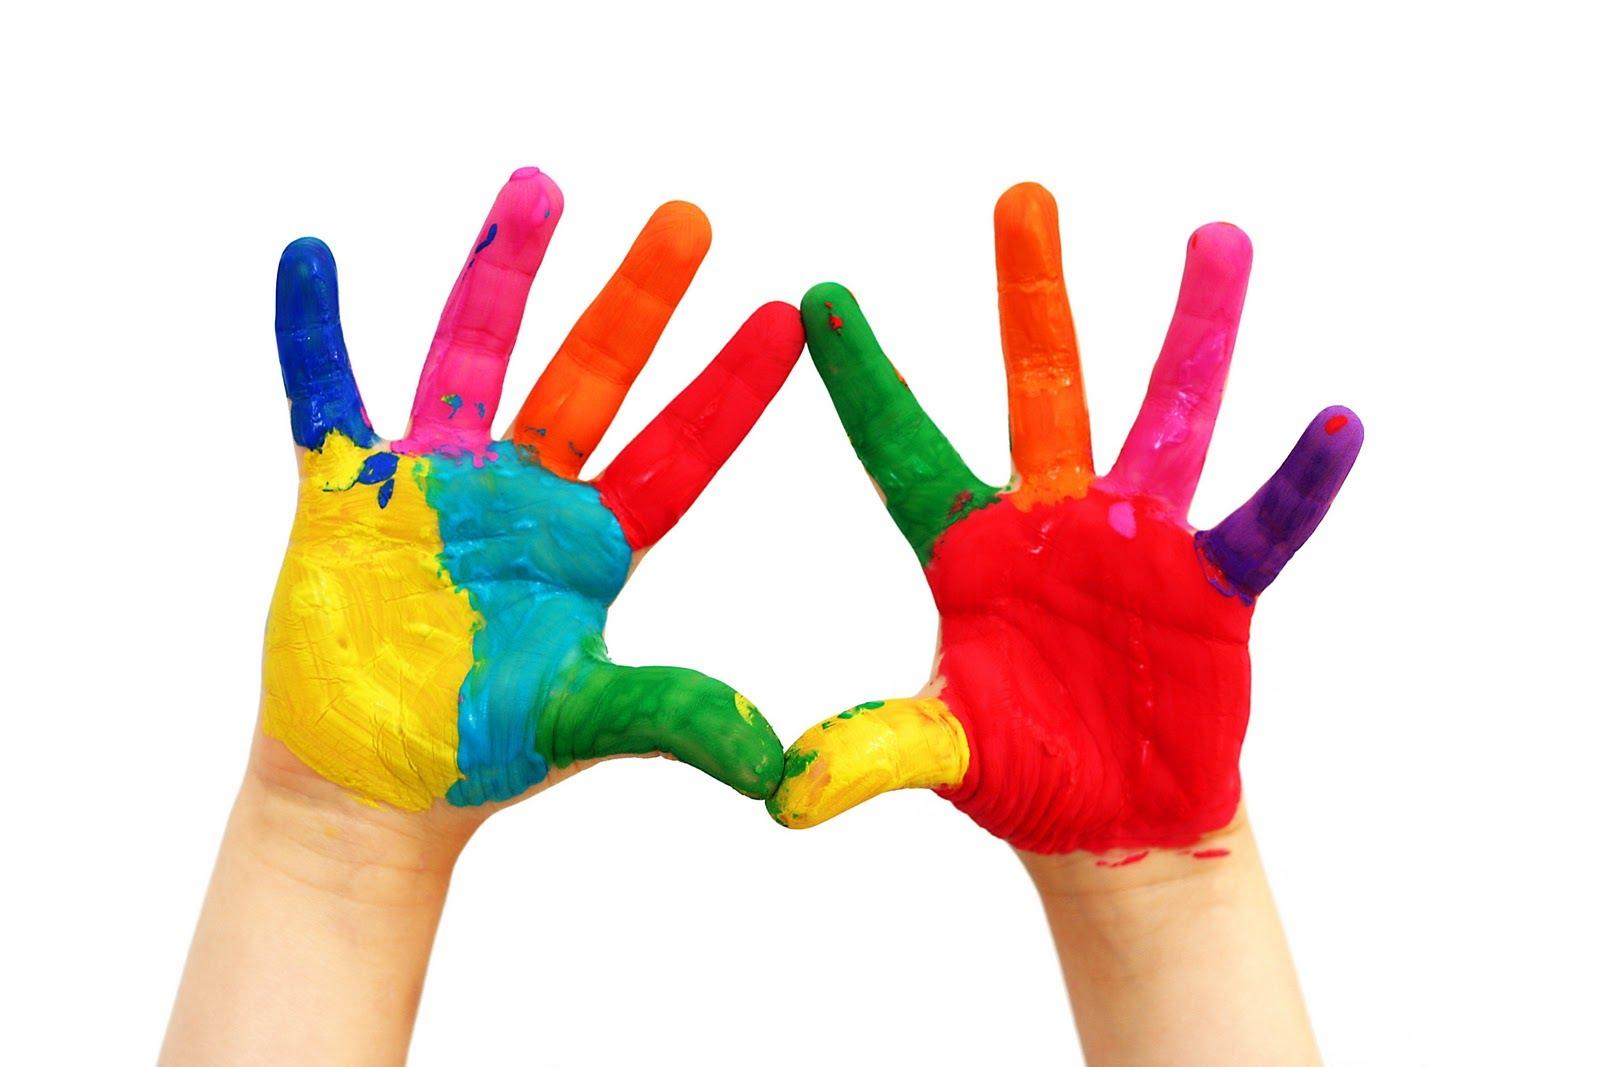 اختبار لشخصيتك من لونك المفضل 1